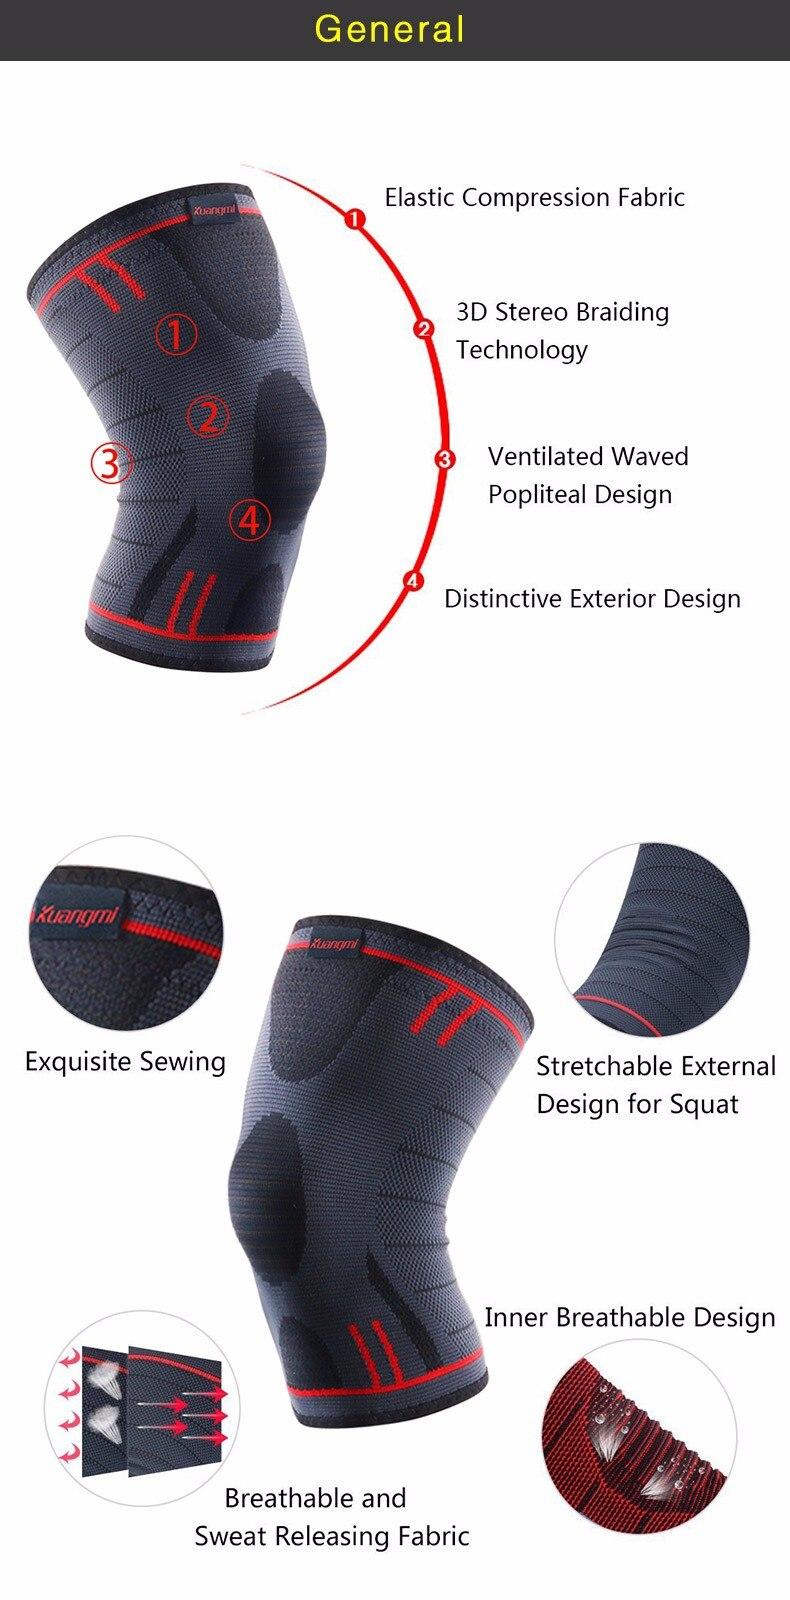 HTB1J4csOpXXXXXTXFXXq6xXFXXXD - Kuangmi 1 PC Compression Knee Sleeve Basketball Knee Pads Knee Support